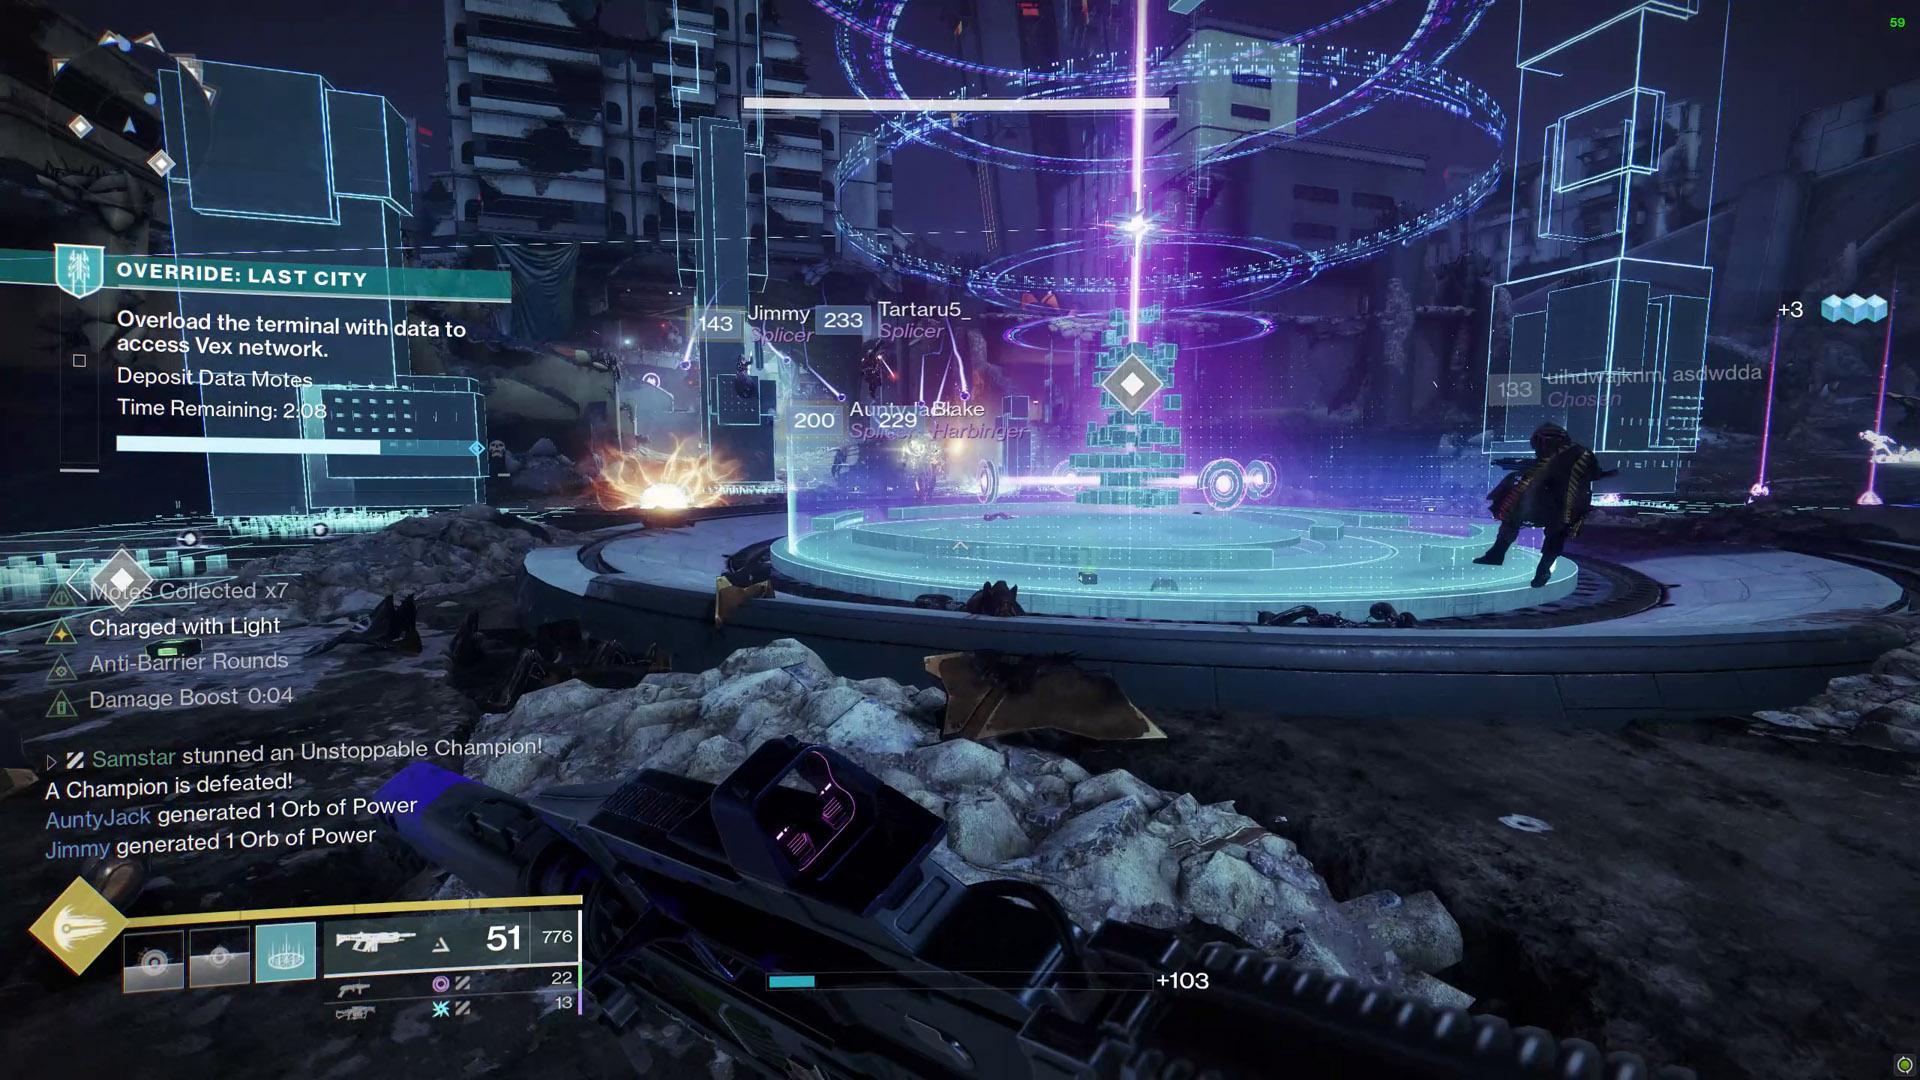 destiny 2 override last city